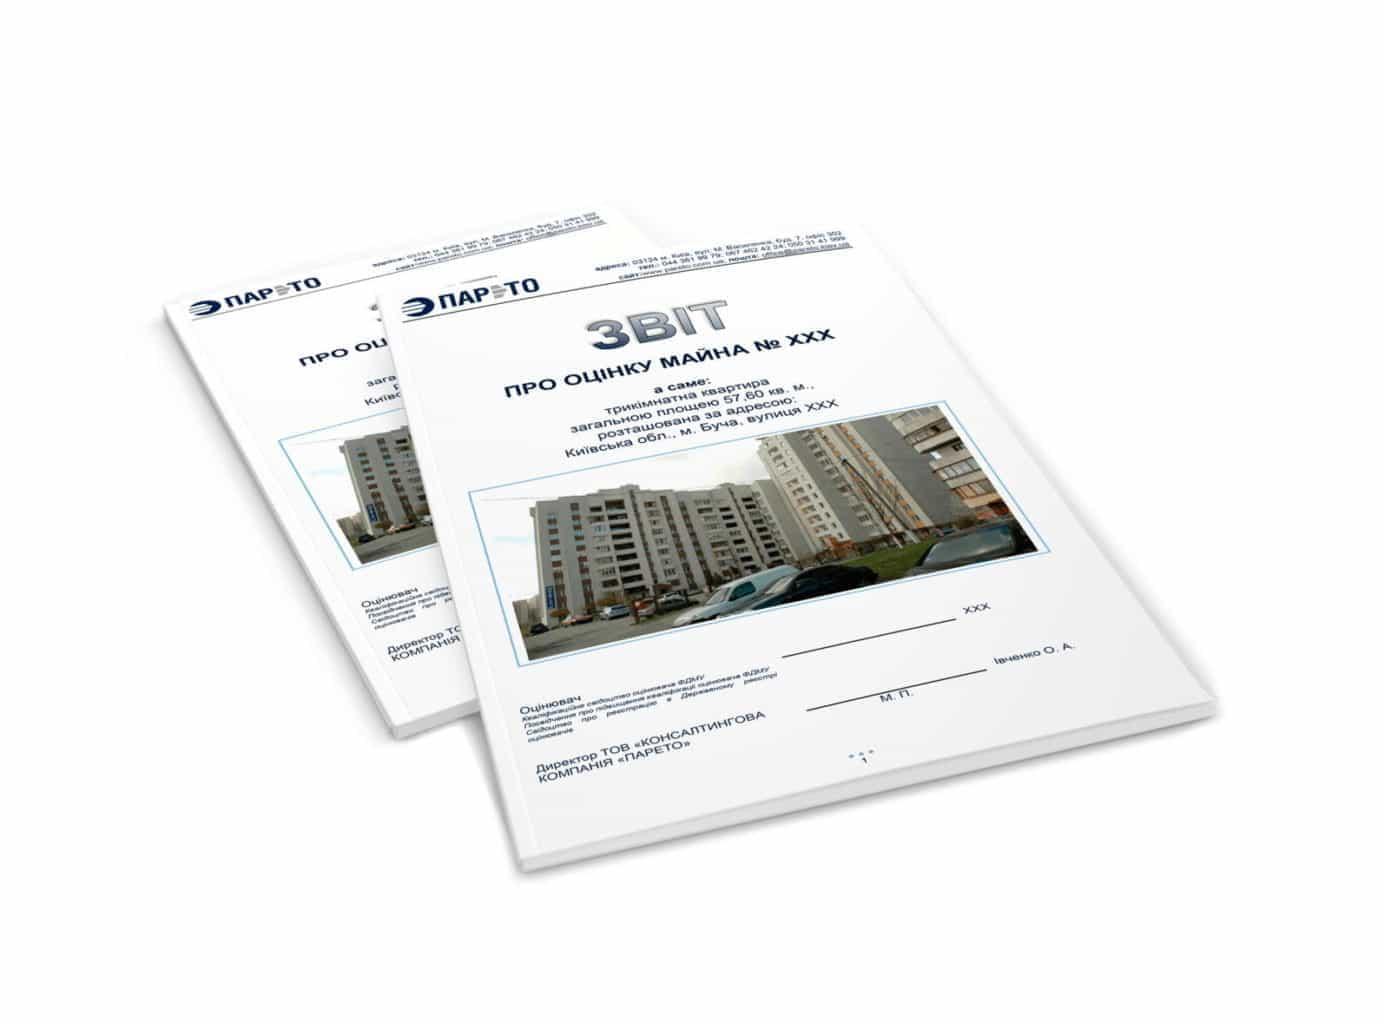 Пример отчета об оценке квартиры, ЭКСПЕРТНАЯ ОЦЕНКА ИМУЩЕСТВА